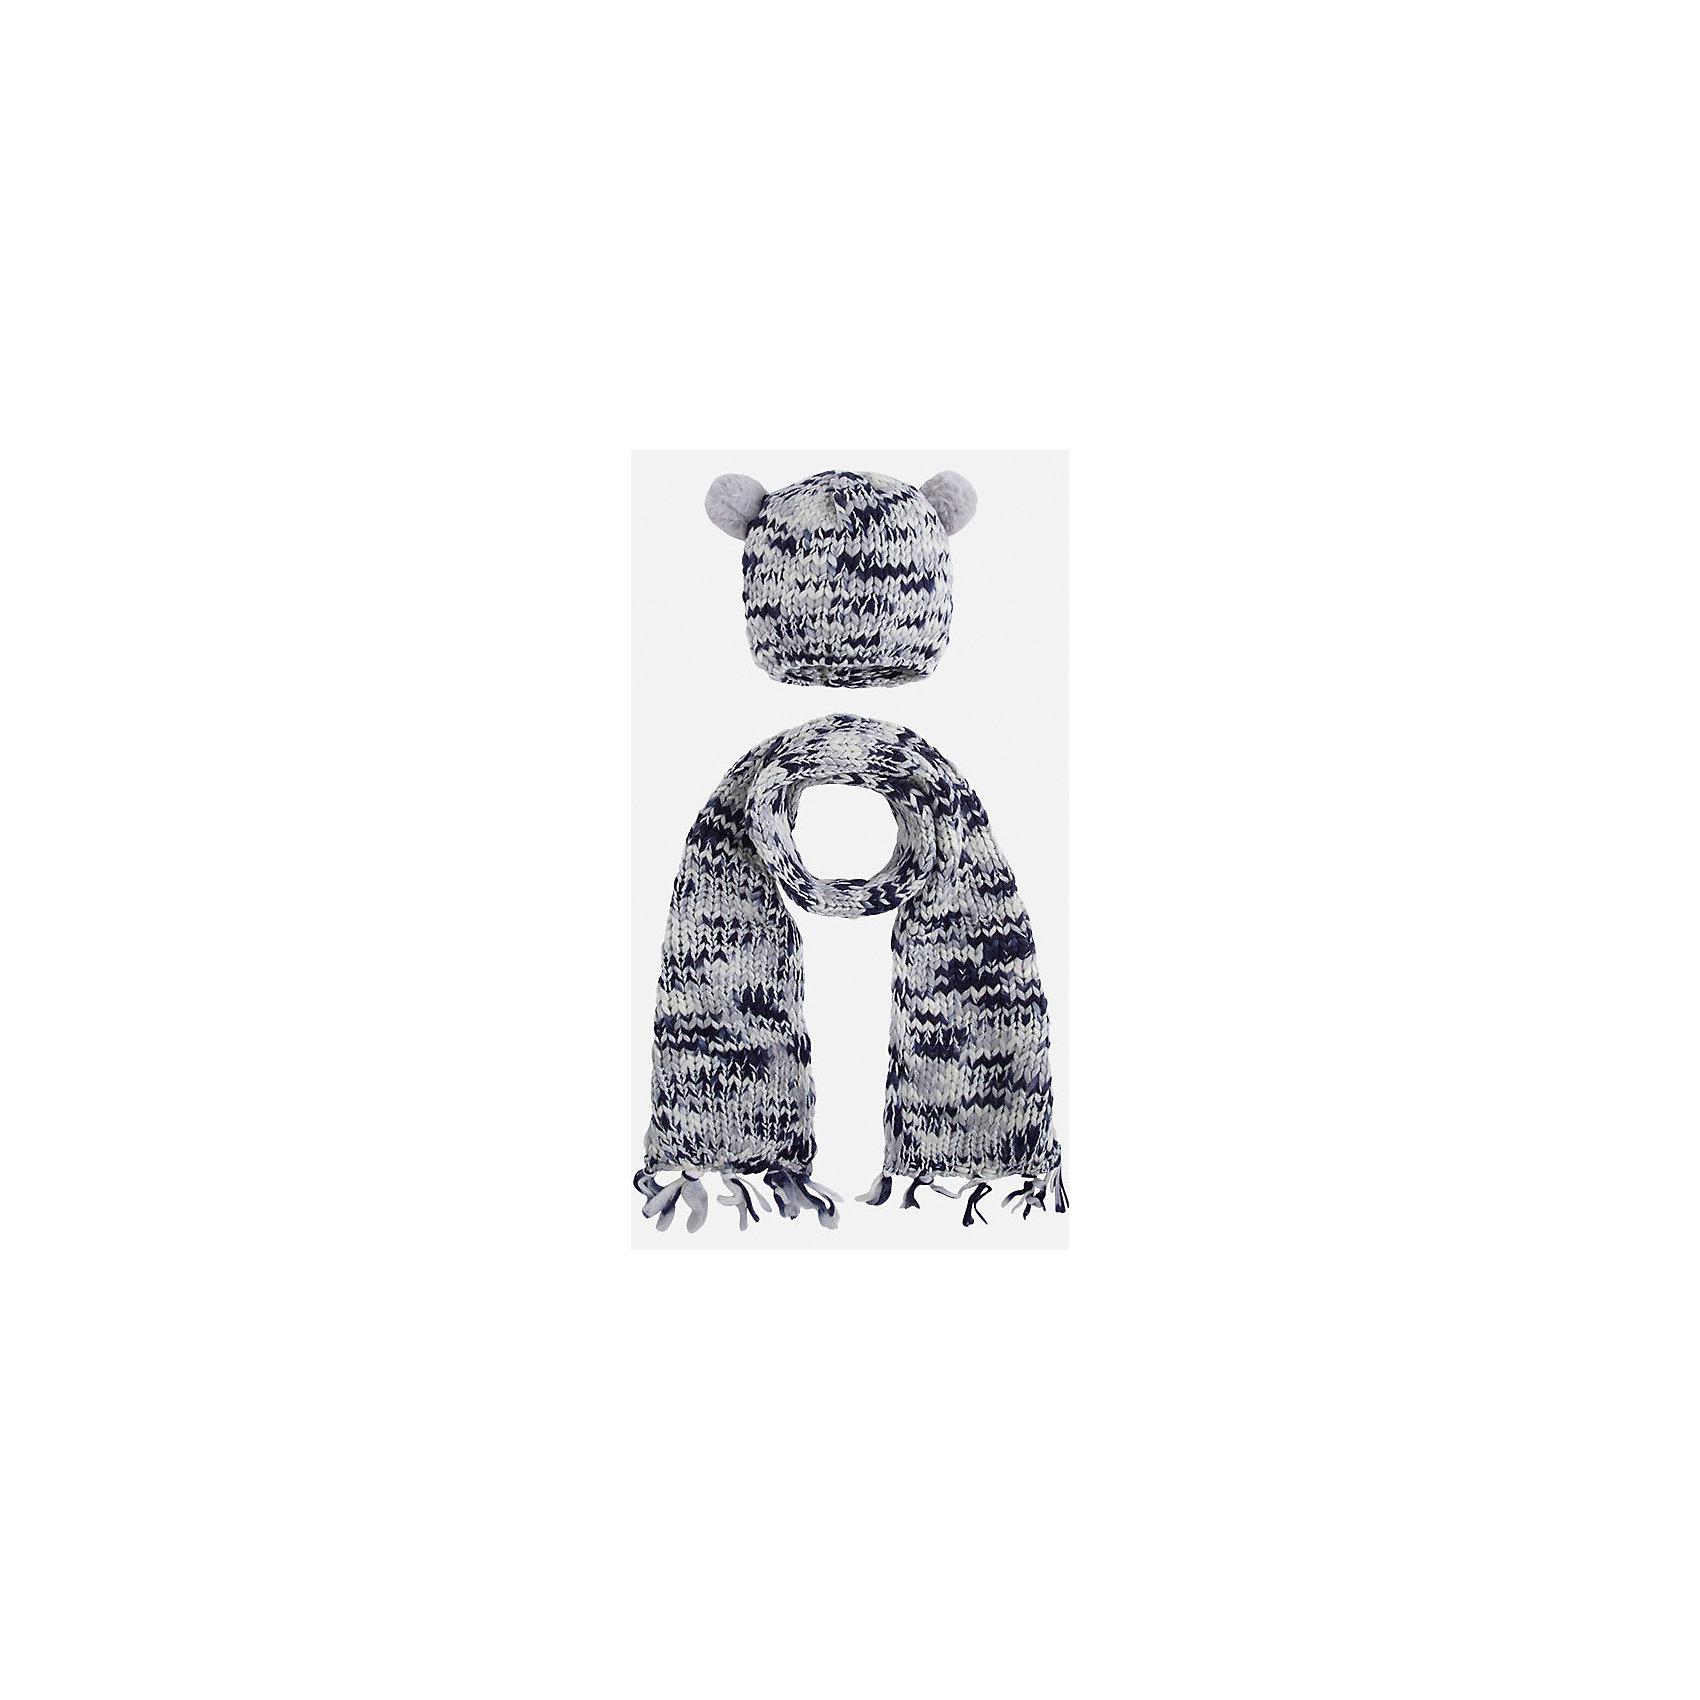 Комплект:шапка и шарф для девочки MayoralКомплект: шапка и шарф для девочки Mayoral от известного испанского бренда Mayoral. Вязаный комплект выполнен из акриловой пряжи с добавлением люрексовой нити серебристого цвета. Комплект состоит из шапки и шарфа, связанных крупной вязкой. Шапка имеет классическую форму, сверху по бокам имеются небольшие помпоны из серой пряжи, по краям шарфа – кисти, выполненные из пряжи. <br><br>Дополнительная информация:<br><br>- Предназначение: повседневная одежда<br>- Комплектация: шапка, шарф<br>- Цвет: серый, белый, темно-синий<br>- Пол: для девочки<br>- Состав: 90% акрил, 10% металлизированная нить<br>- Сезон: осень-зима-весна<br>- Особенности ухода: стирка при температуре 30 градусов, разрешается химическая чистка, глажение <br><br>Подробнее:<br><br>• Для детей в возрасте: от 2 лет и до 9 лет<br>• Страна производитель: Китай<br>• Торговый бренд: Mayoral<br><br>Комплект: шапка и шарф для девочки Mayoral (Майорал) можно купить в нашем интернет-магазине.<br><br>Ширина мм: 89<br>Глубина мм: 117<br>Высота мм: 44<br>Вес г: 155<br>Цвет: синий<br>Возраст от месяцев: 24<br>Возраст до месяцев: 48<br>Пол: Женский<br>Возраст: Детский<br>Размер: 48-50,52-54,54-56<br>SKU: 4847790